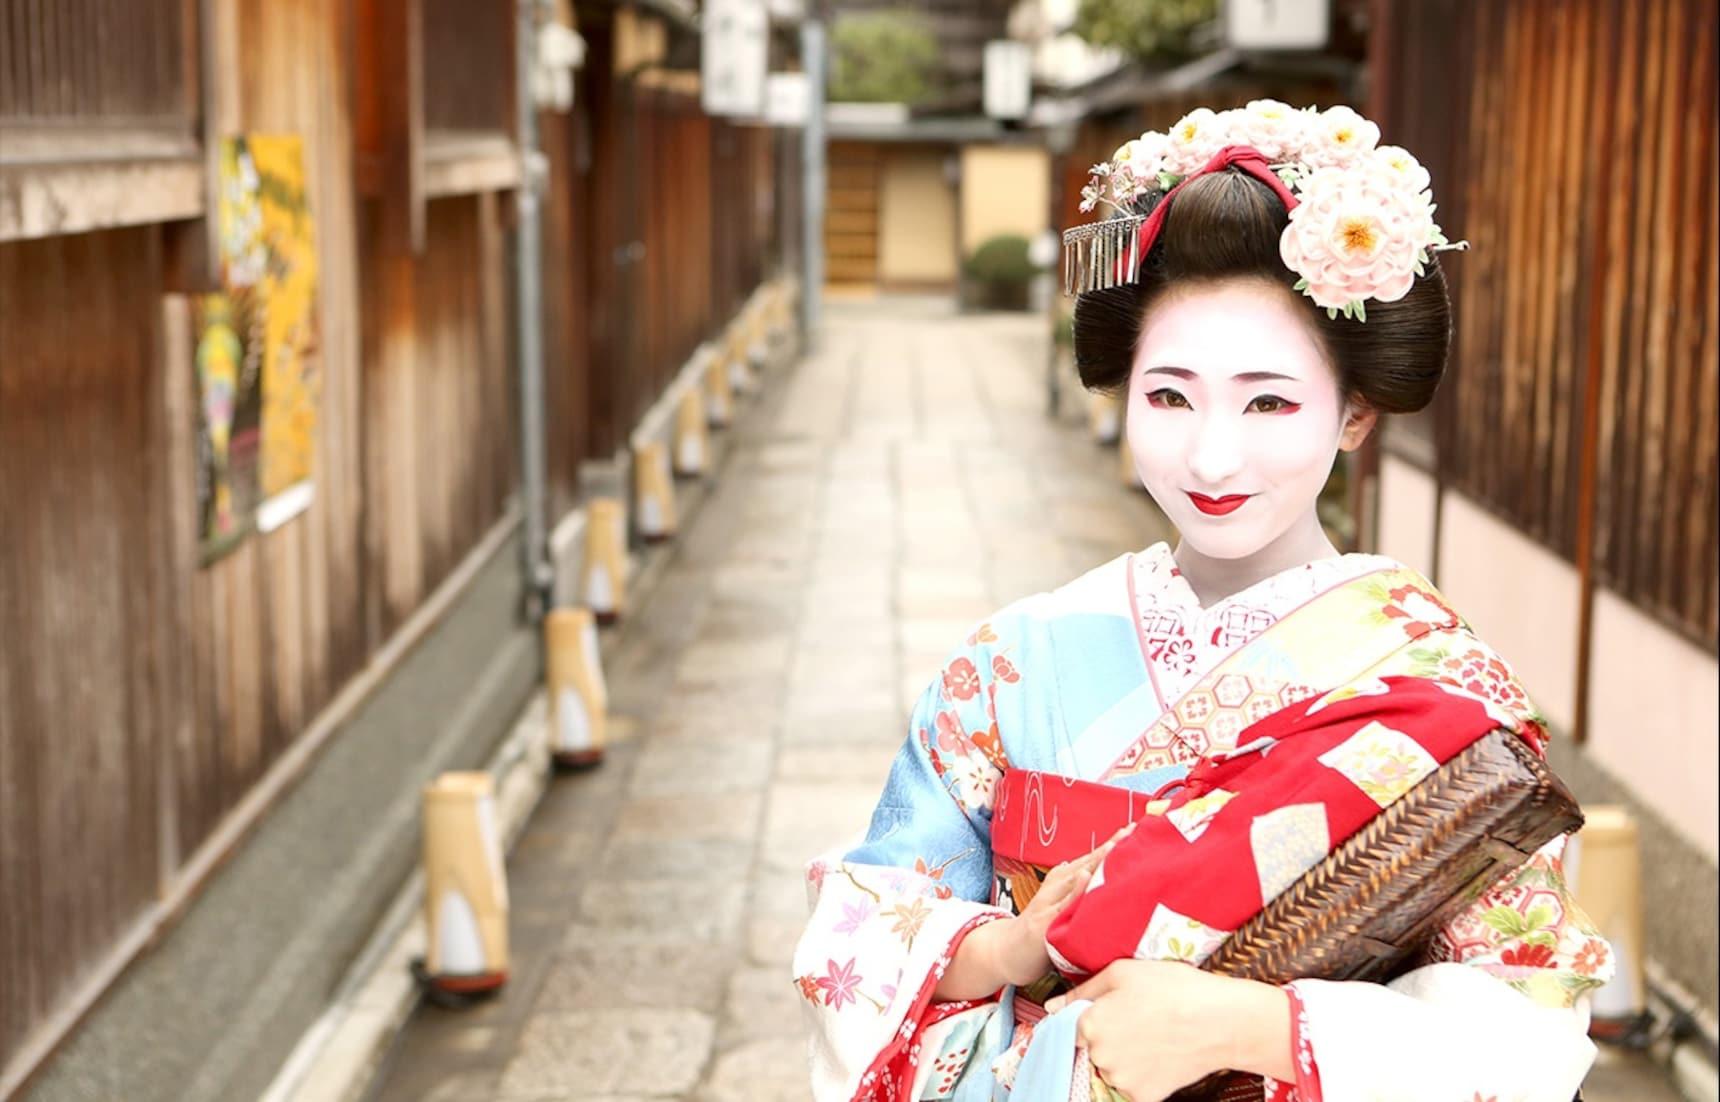 แต่งตัวเป็น Maiko กับ 5 สตูดิโอถ่ายภาพใน Kyoto